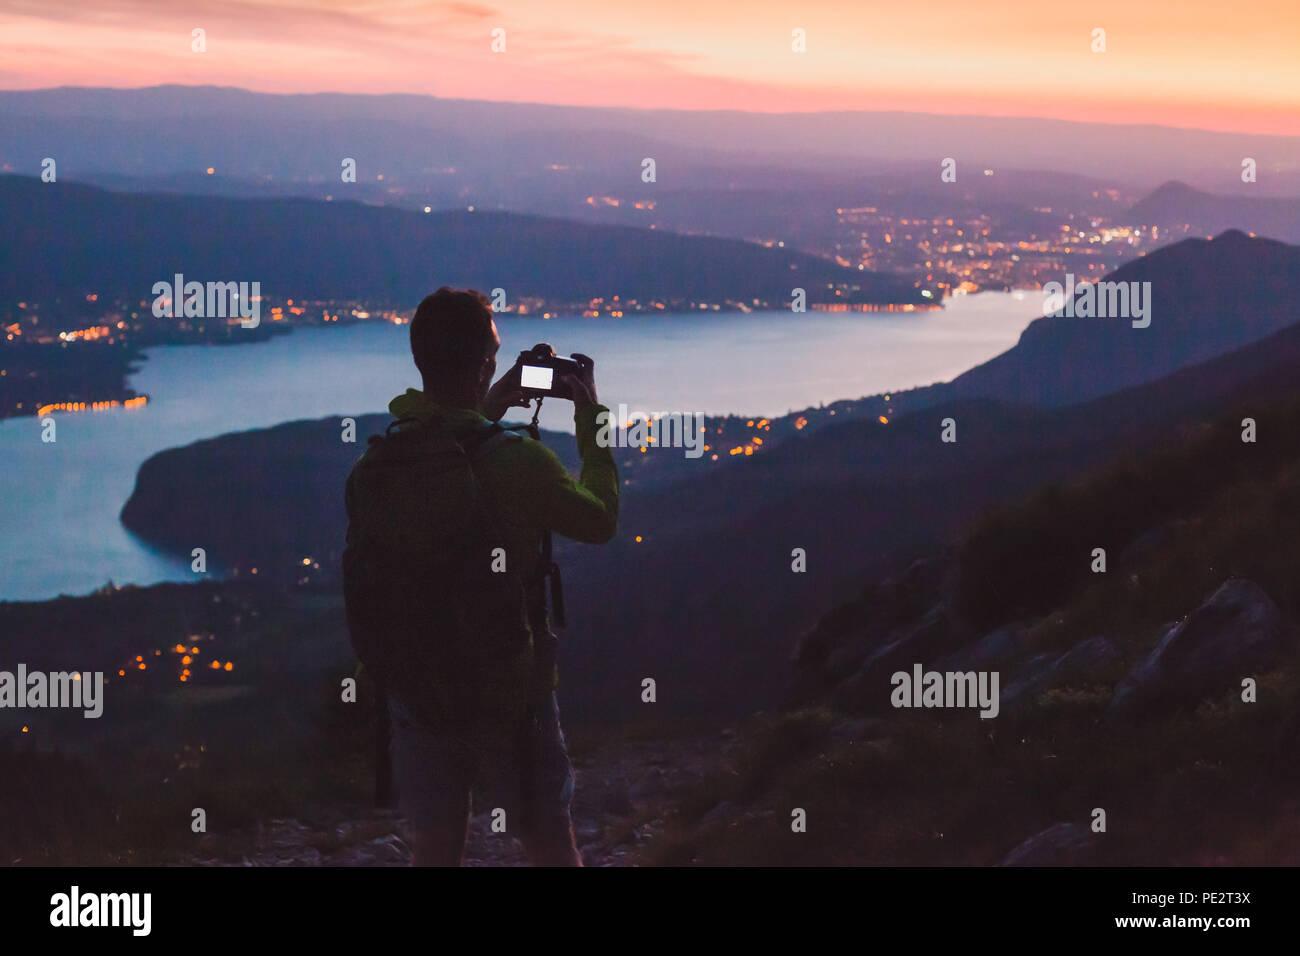 Fotograf, Foto auf DSLR-Kamera am Abend nach Sonnenuntergang Dämmerung, Stadt Panoramablick auf die Berglandschaft low light, Dämmerung Stockbild